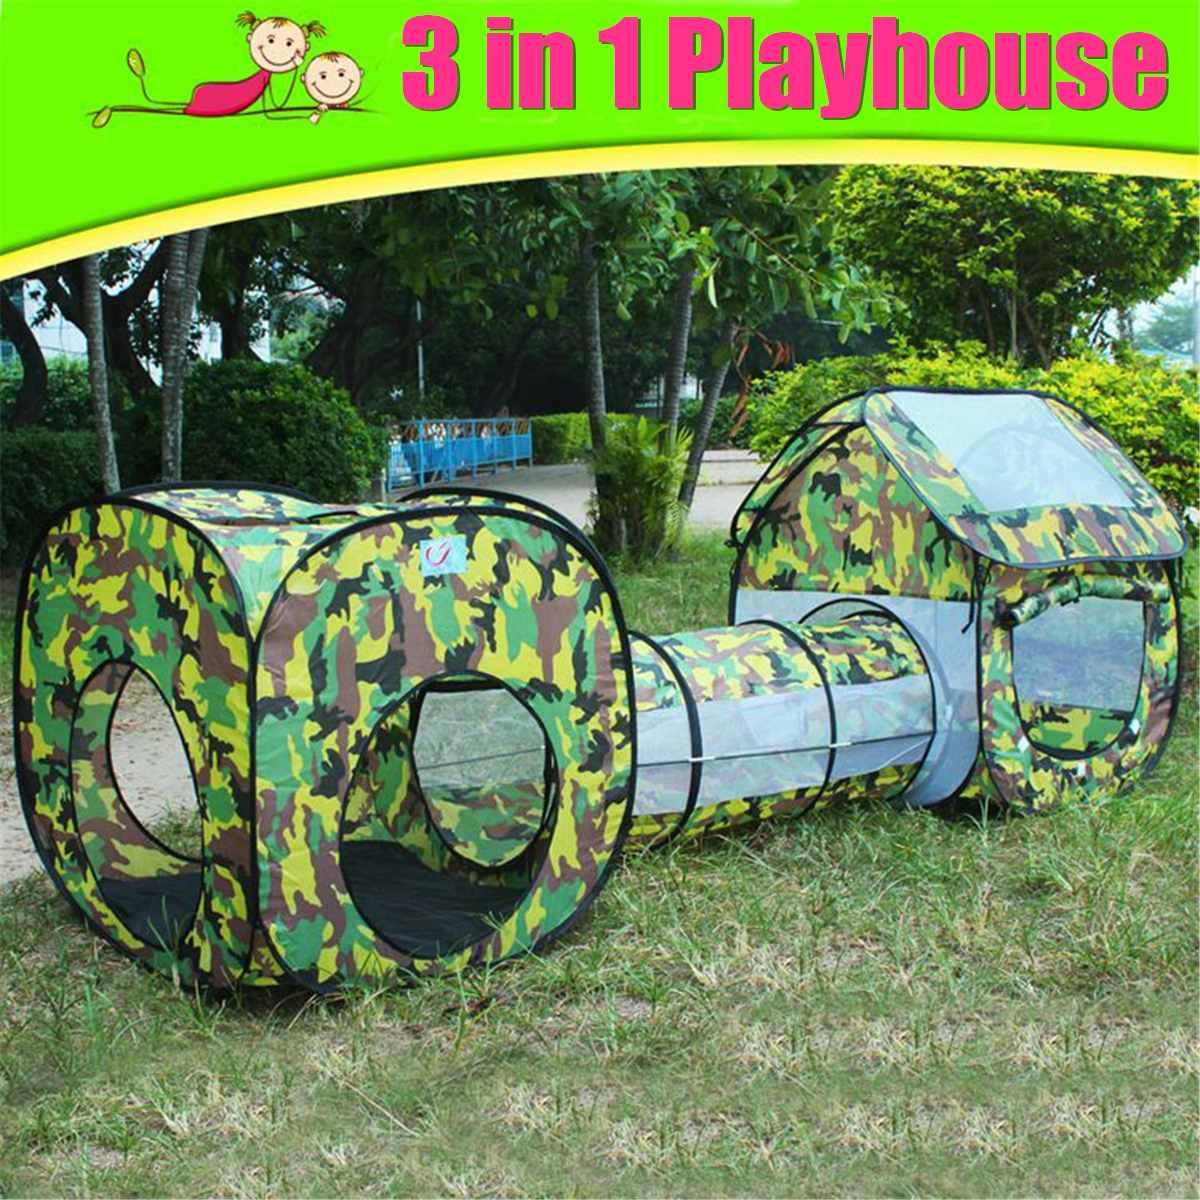 Extérieur intérieur 3 en 1 enfants jouet tente enfants Playhouse Tunnel Tube Camouflage jouant amusant sport jouets cadeaux tentes pliables